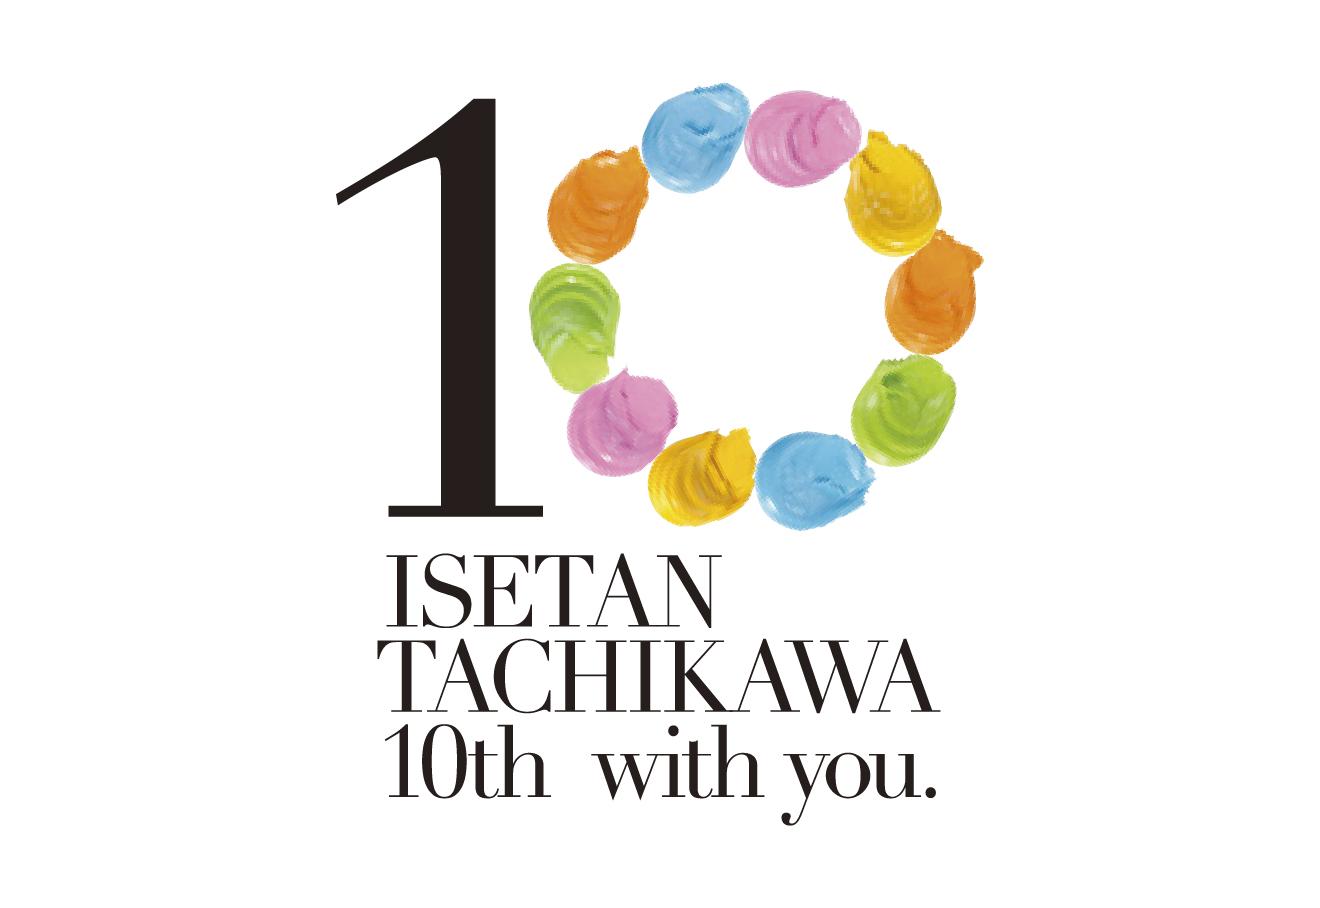 Isetan Tachikawa 10th